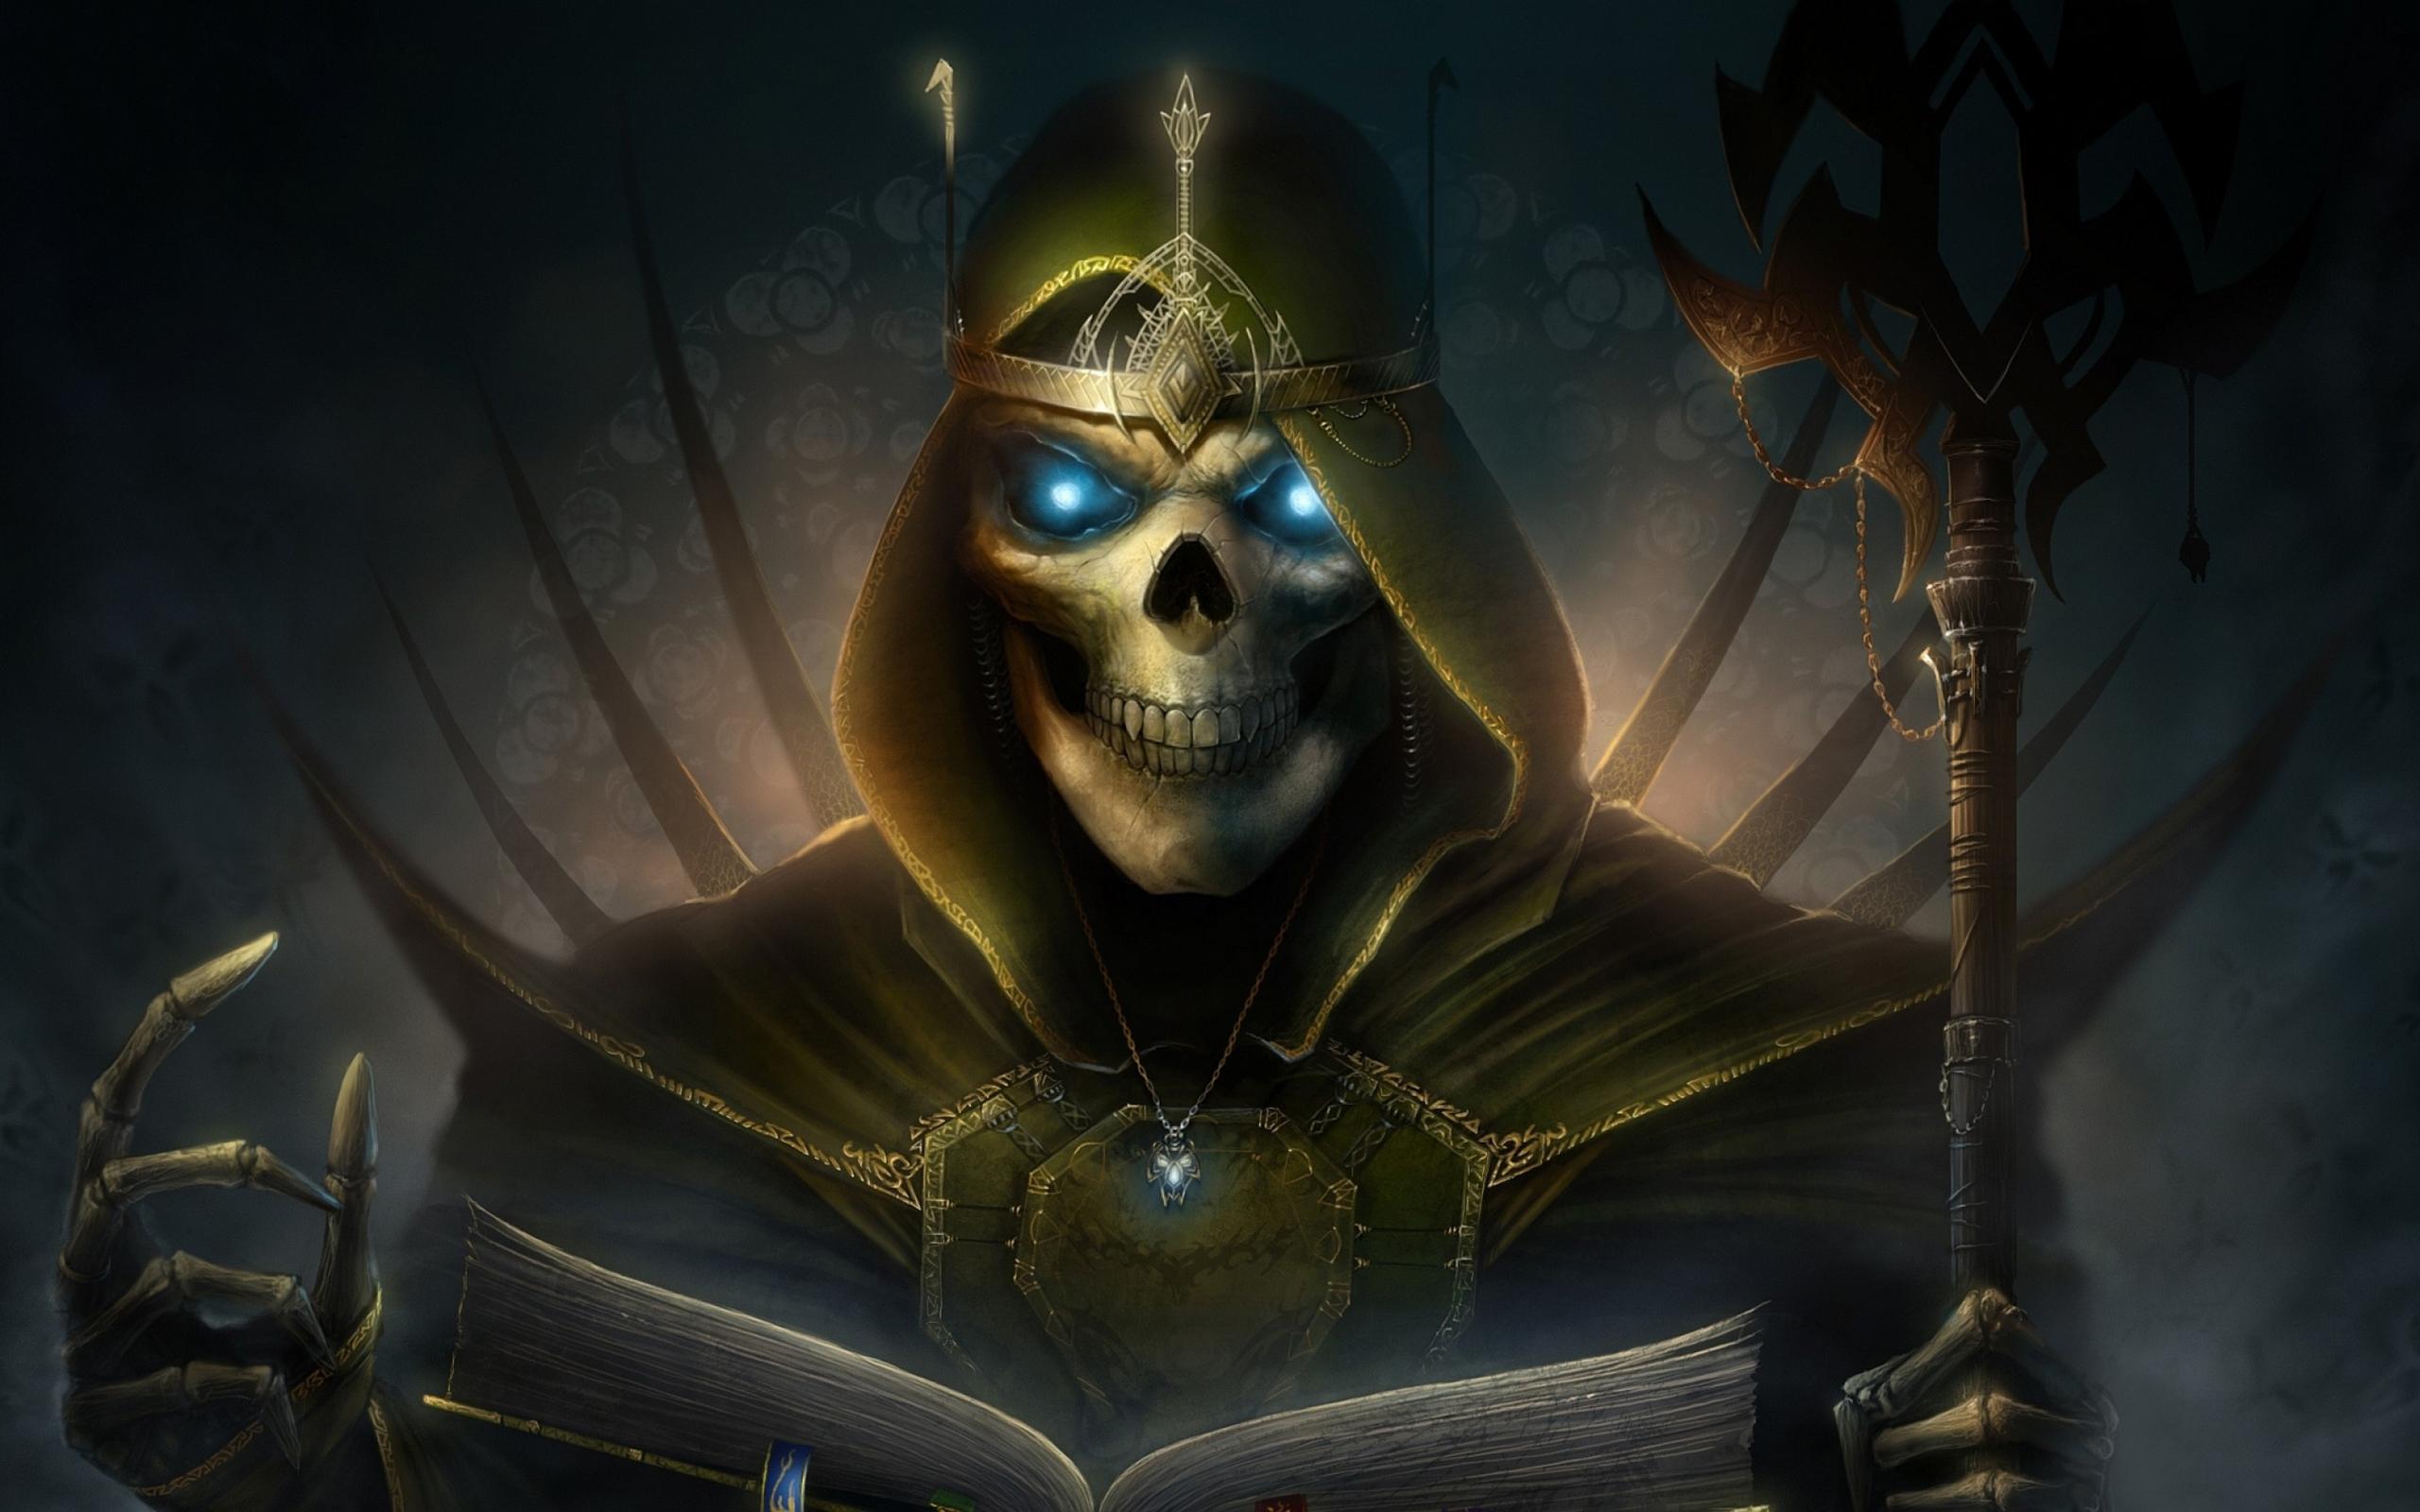 Скачать герои меча и магии 3 hd edition на андроид планшет через.